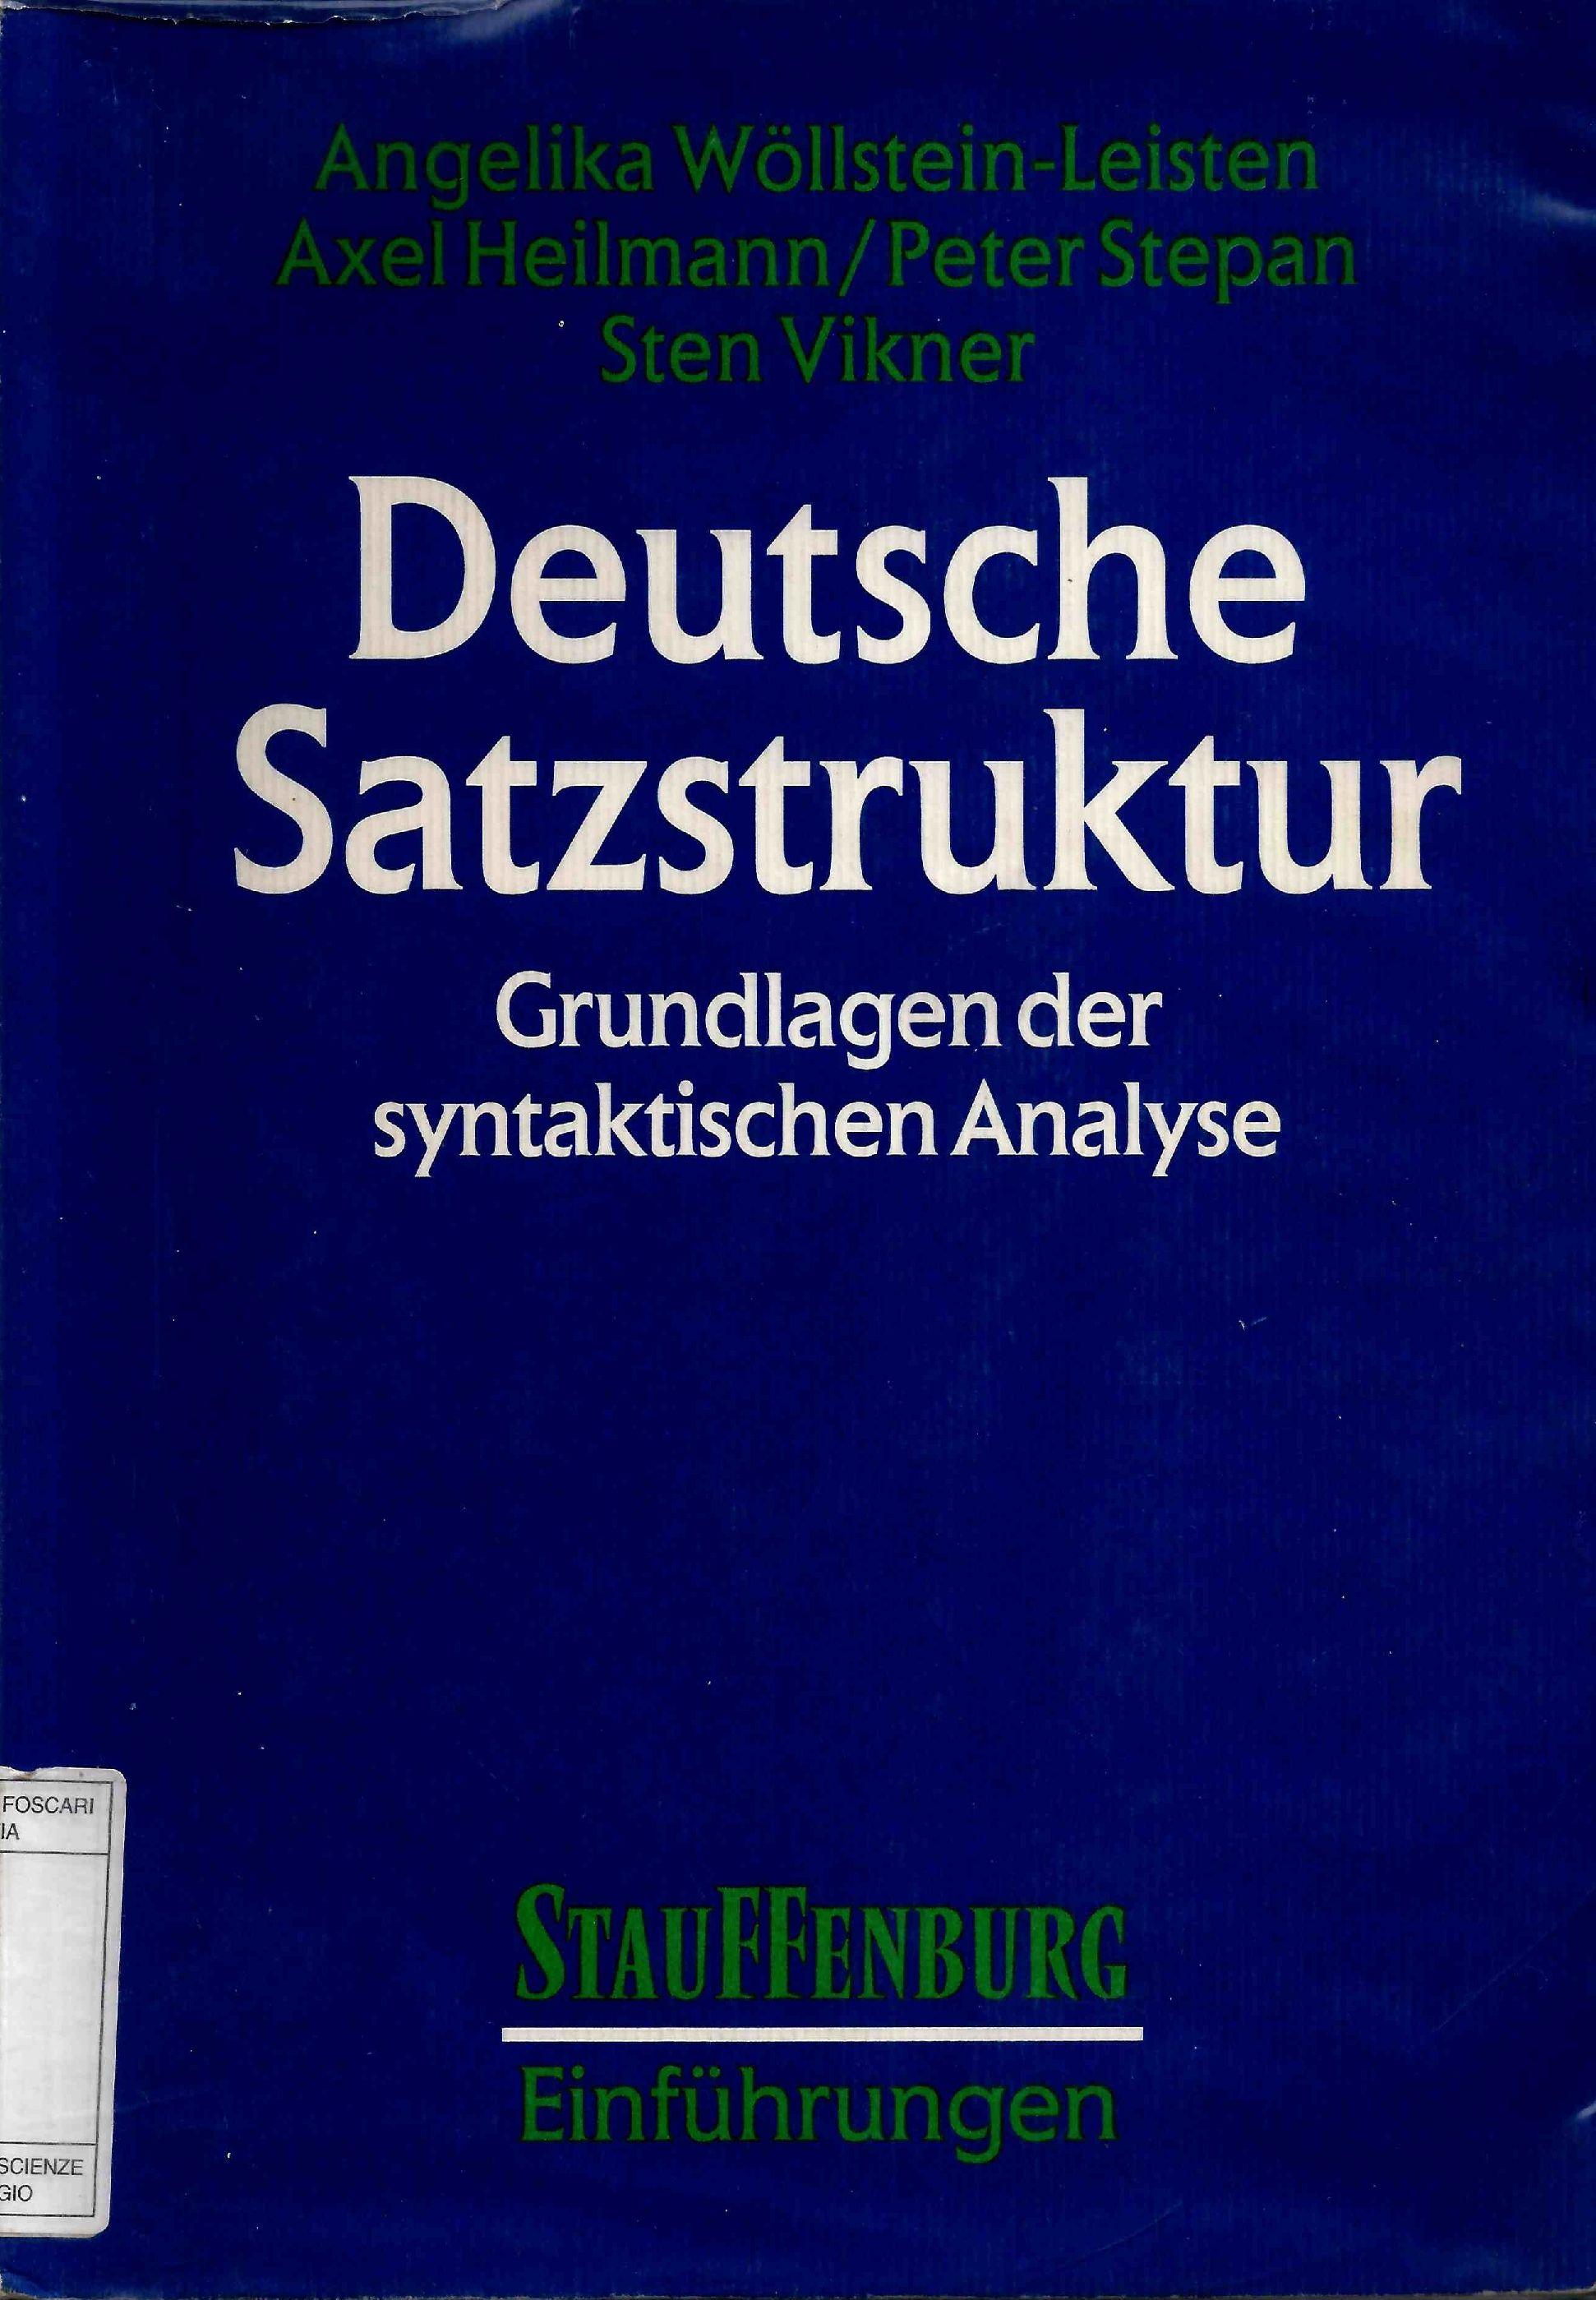 Deutsche Satzstruktur.